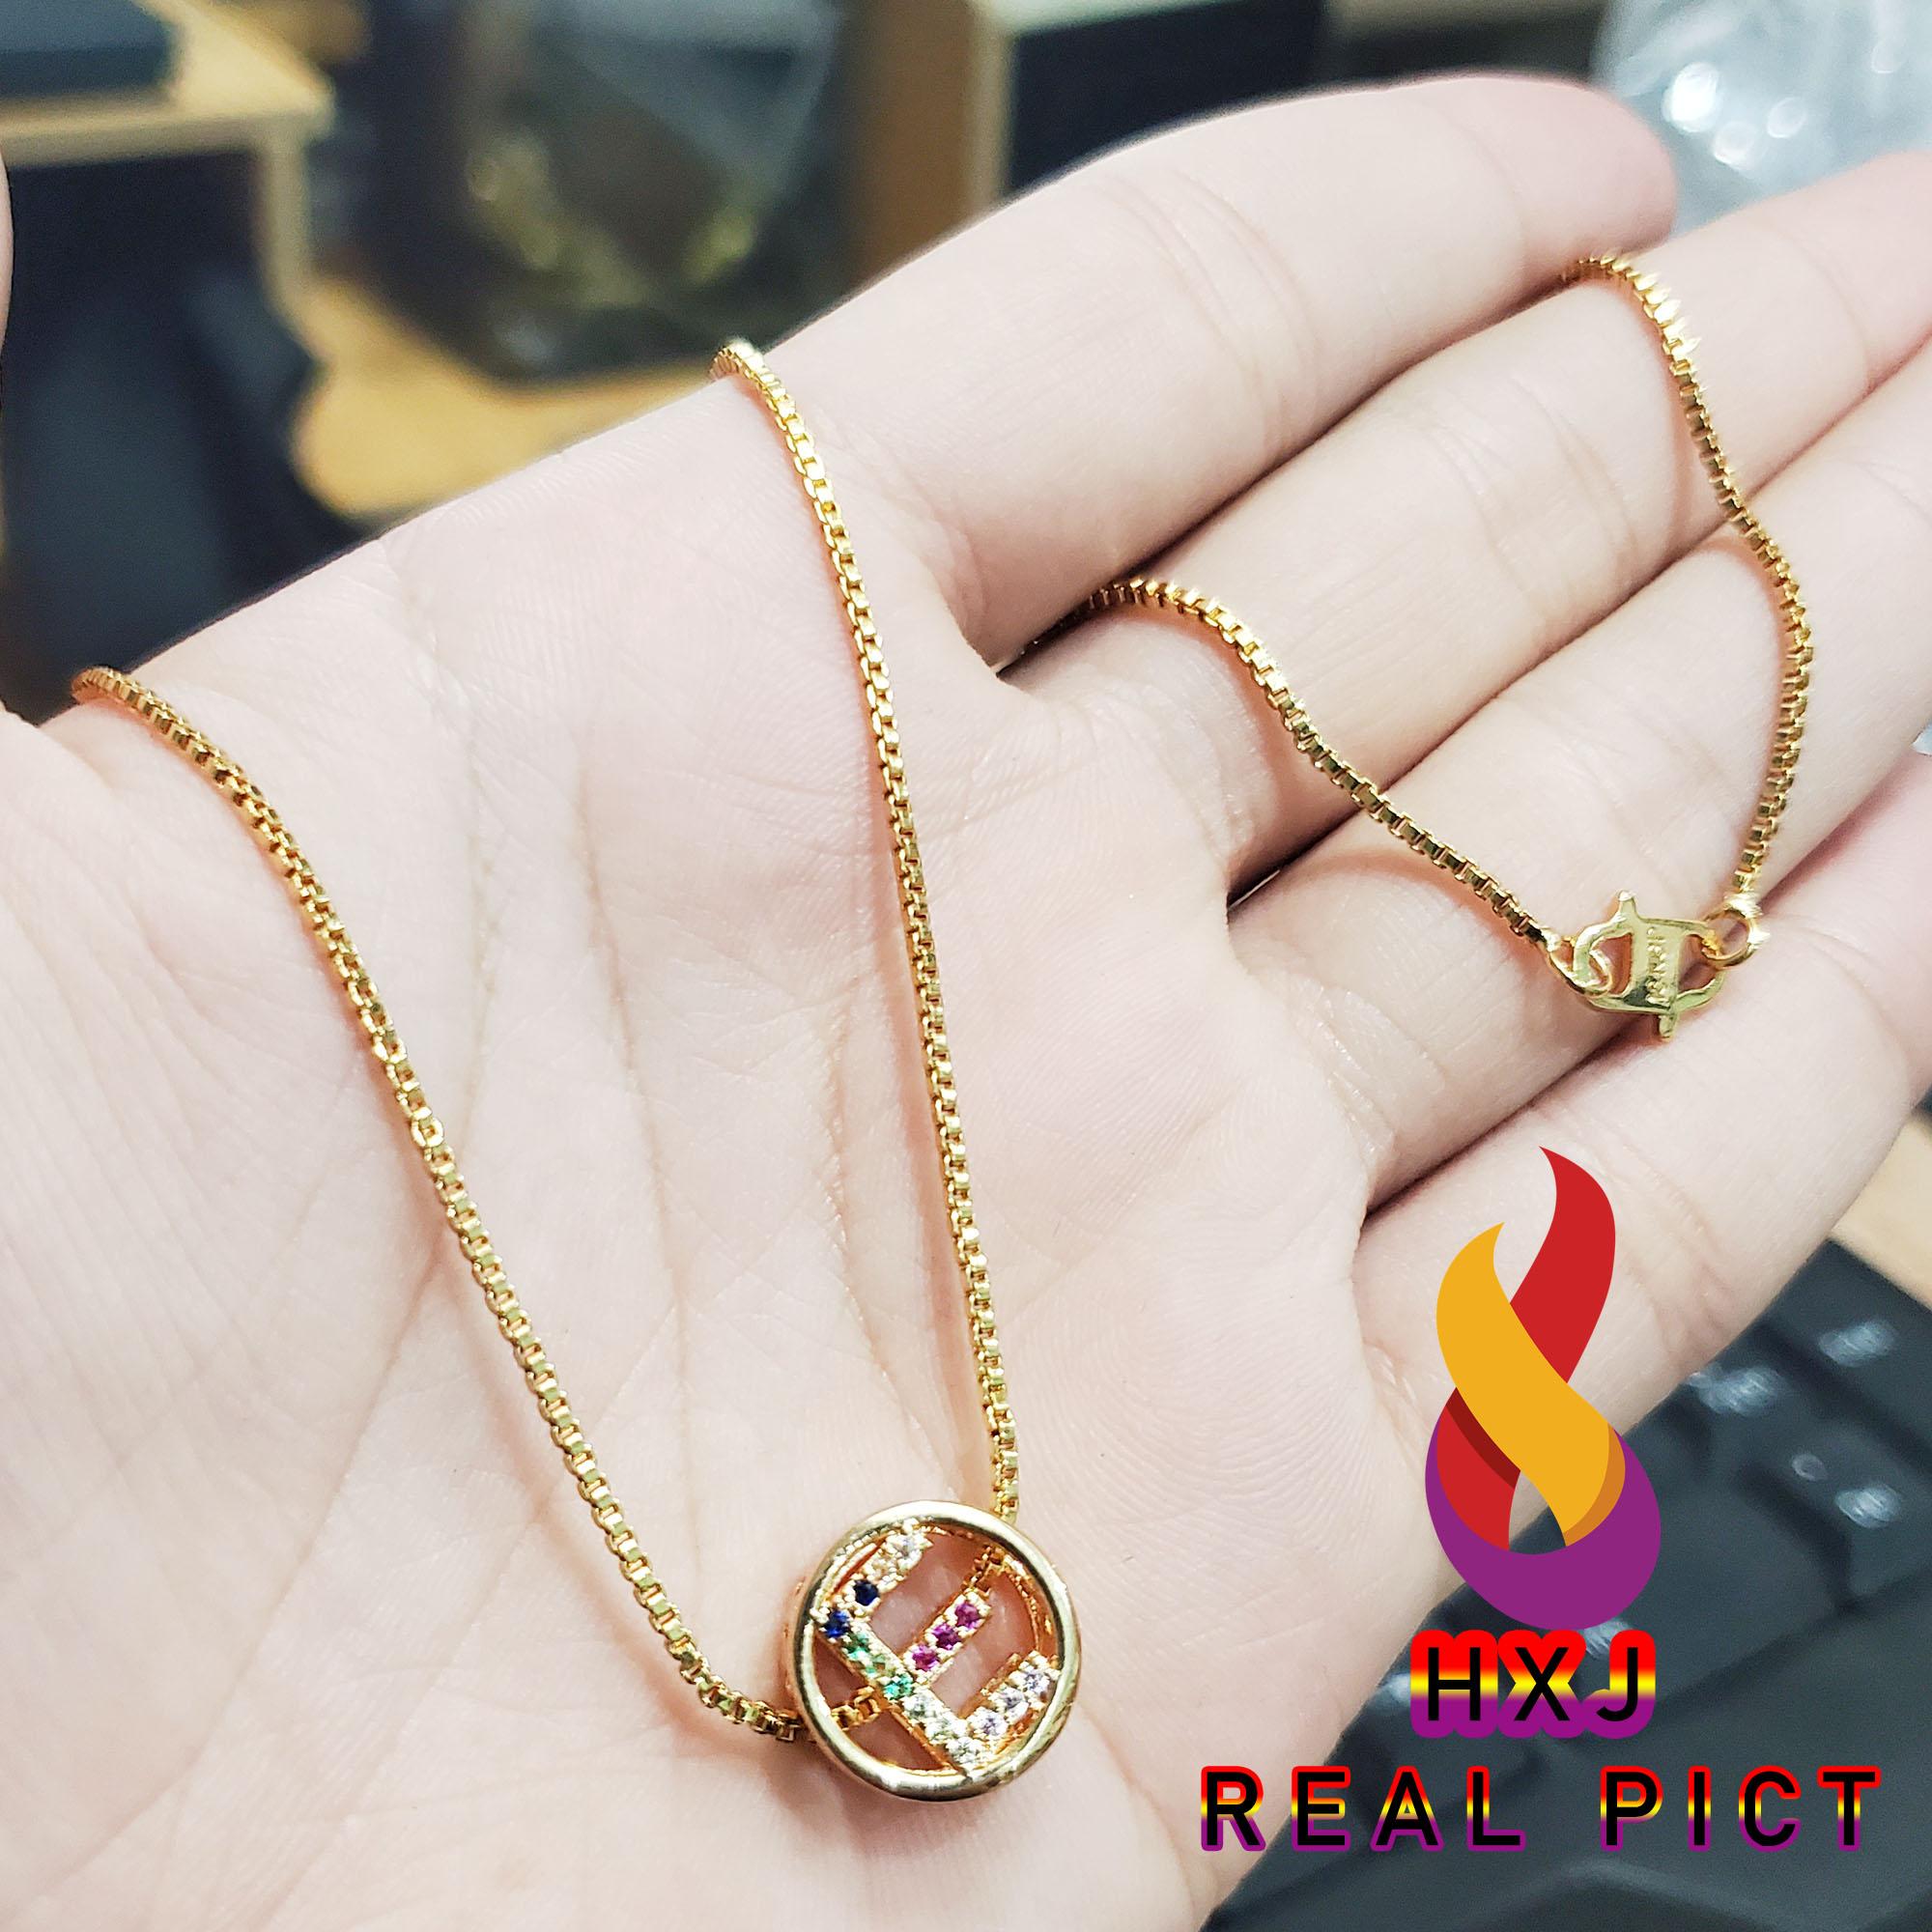 kalung huruf a – z xuping gold perhiasan fashion wanita liontin inisial huruf  liontin lingkaran cantik itali xuping gold wanita fashion